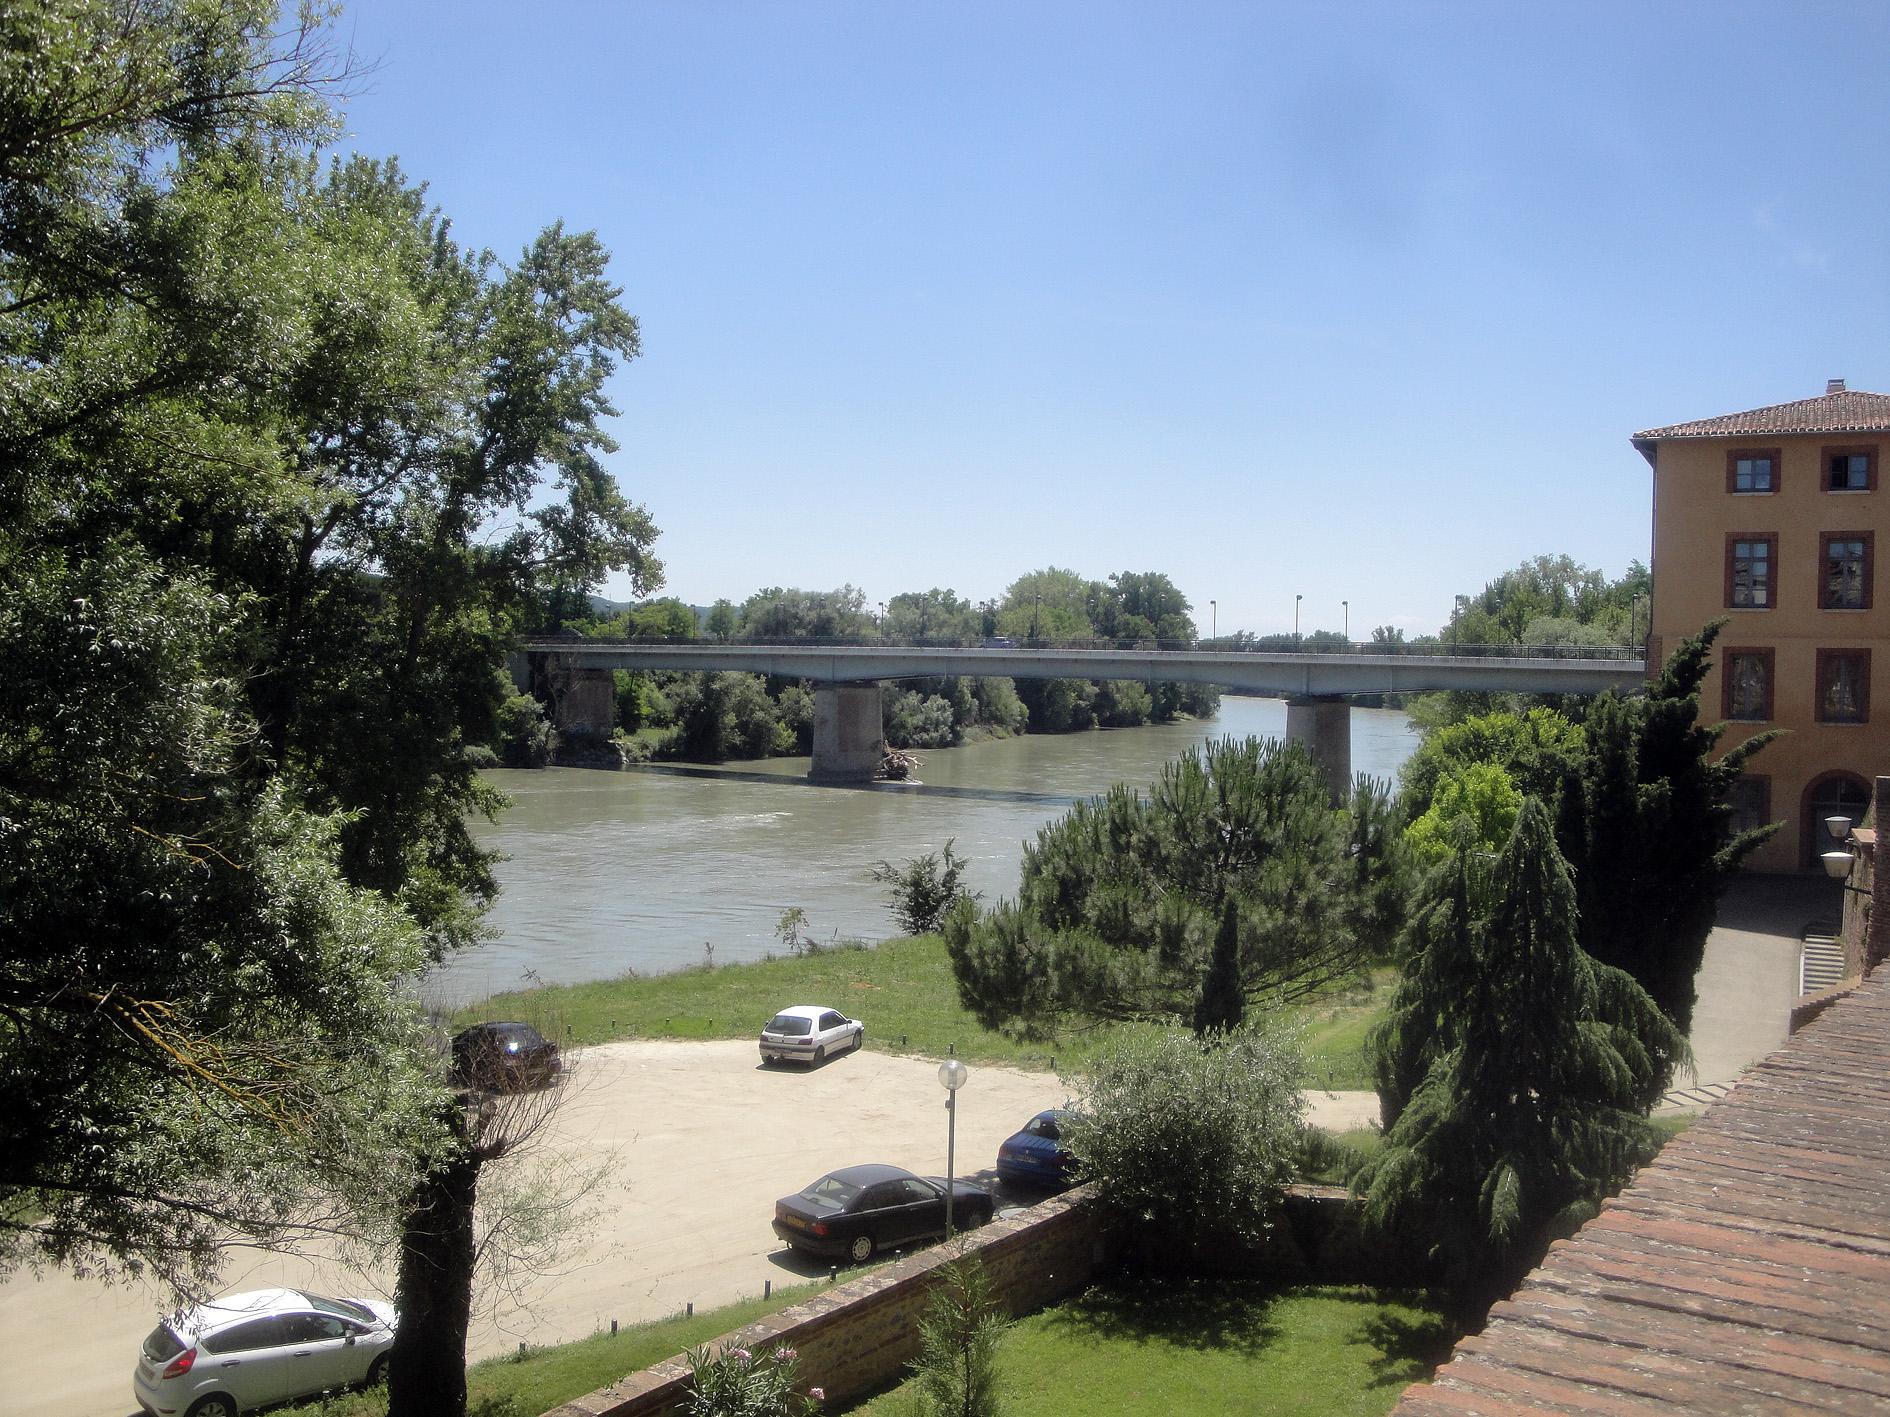 07.07.2013 El riu Garona al seu pas de Muret. En ell, molts dels defensors occitano-catalans, trobaren absurdament la mort.  Muret. -  Jordi Bibià